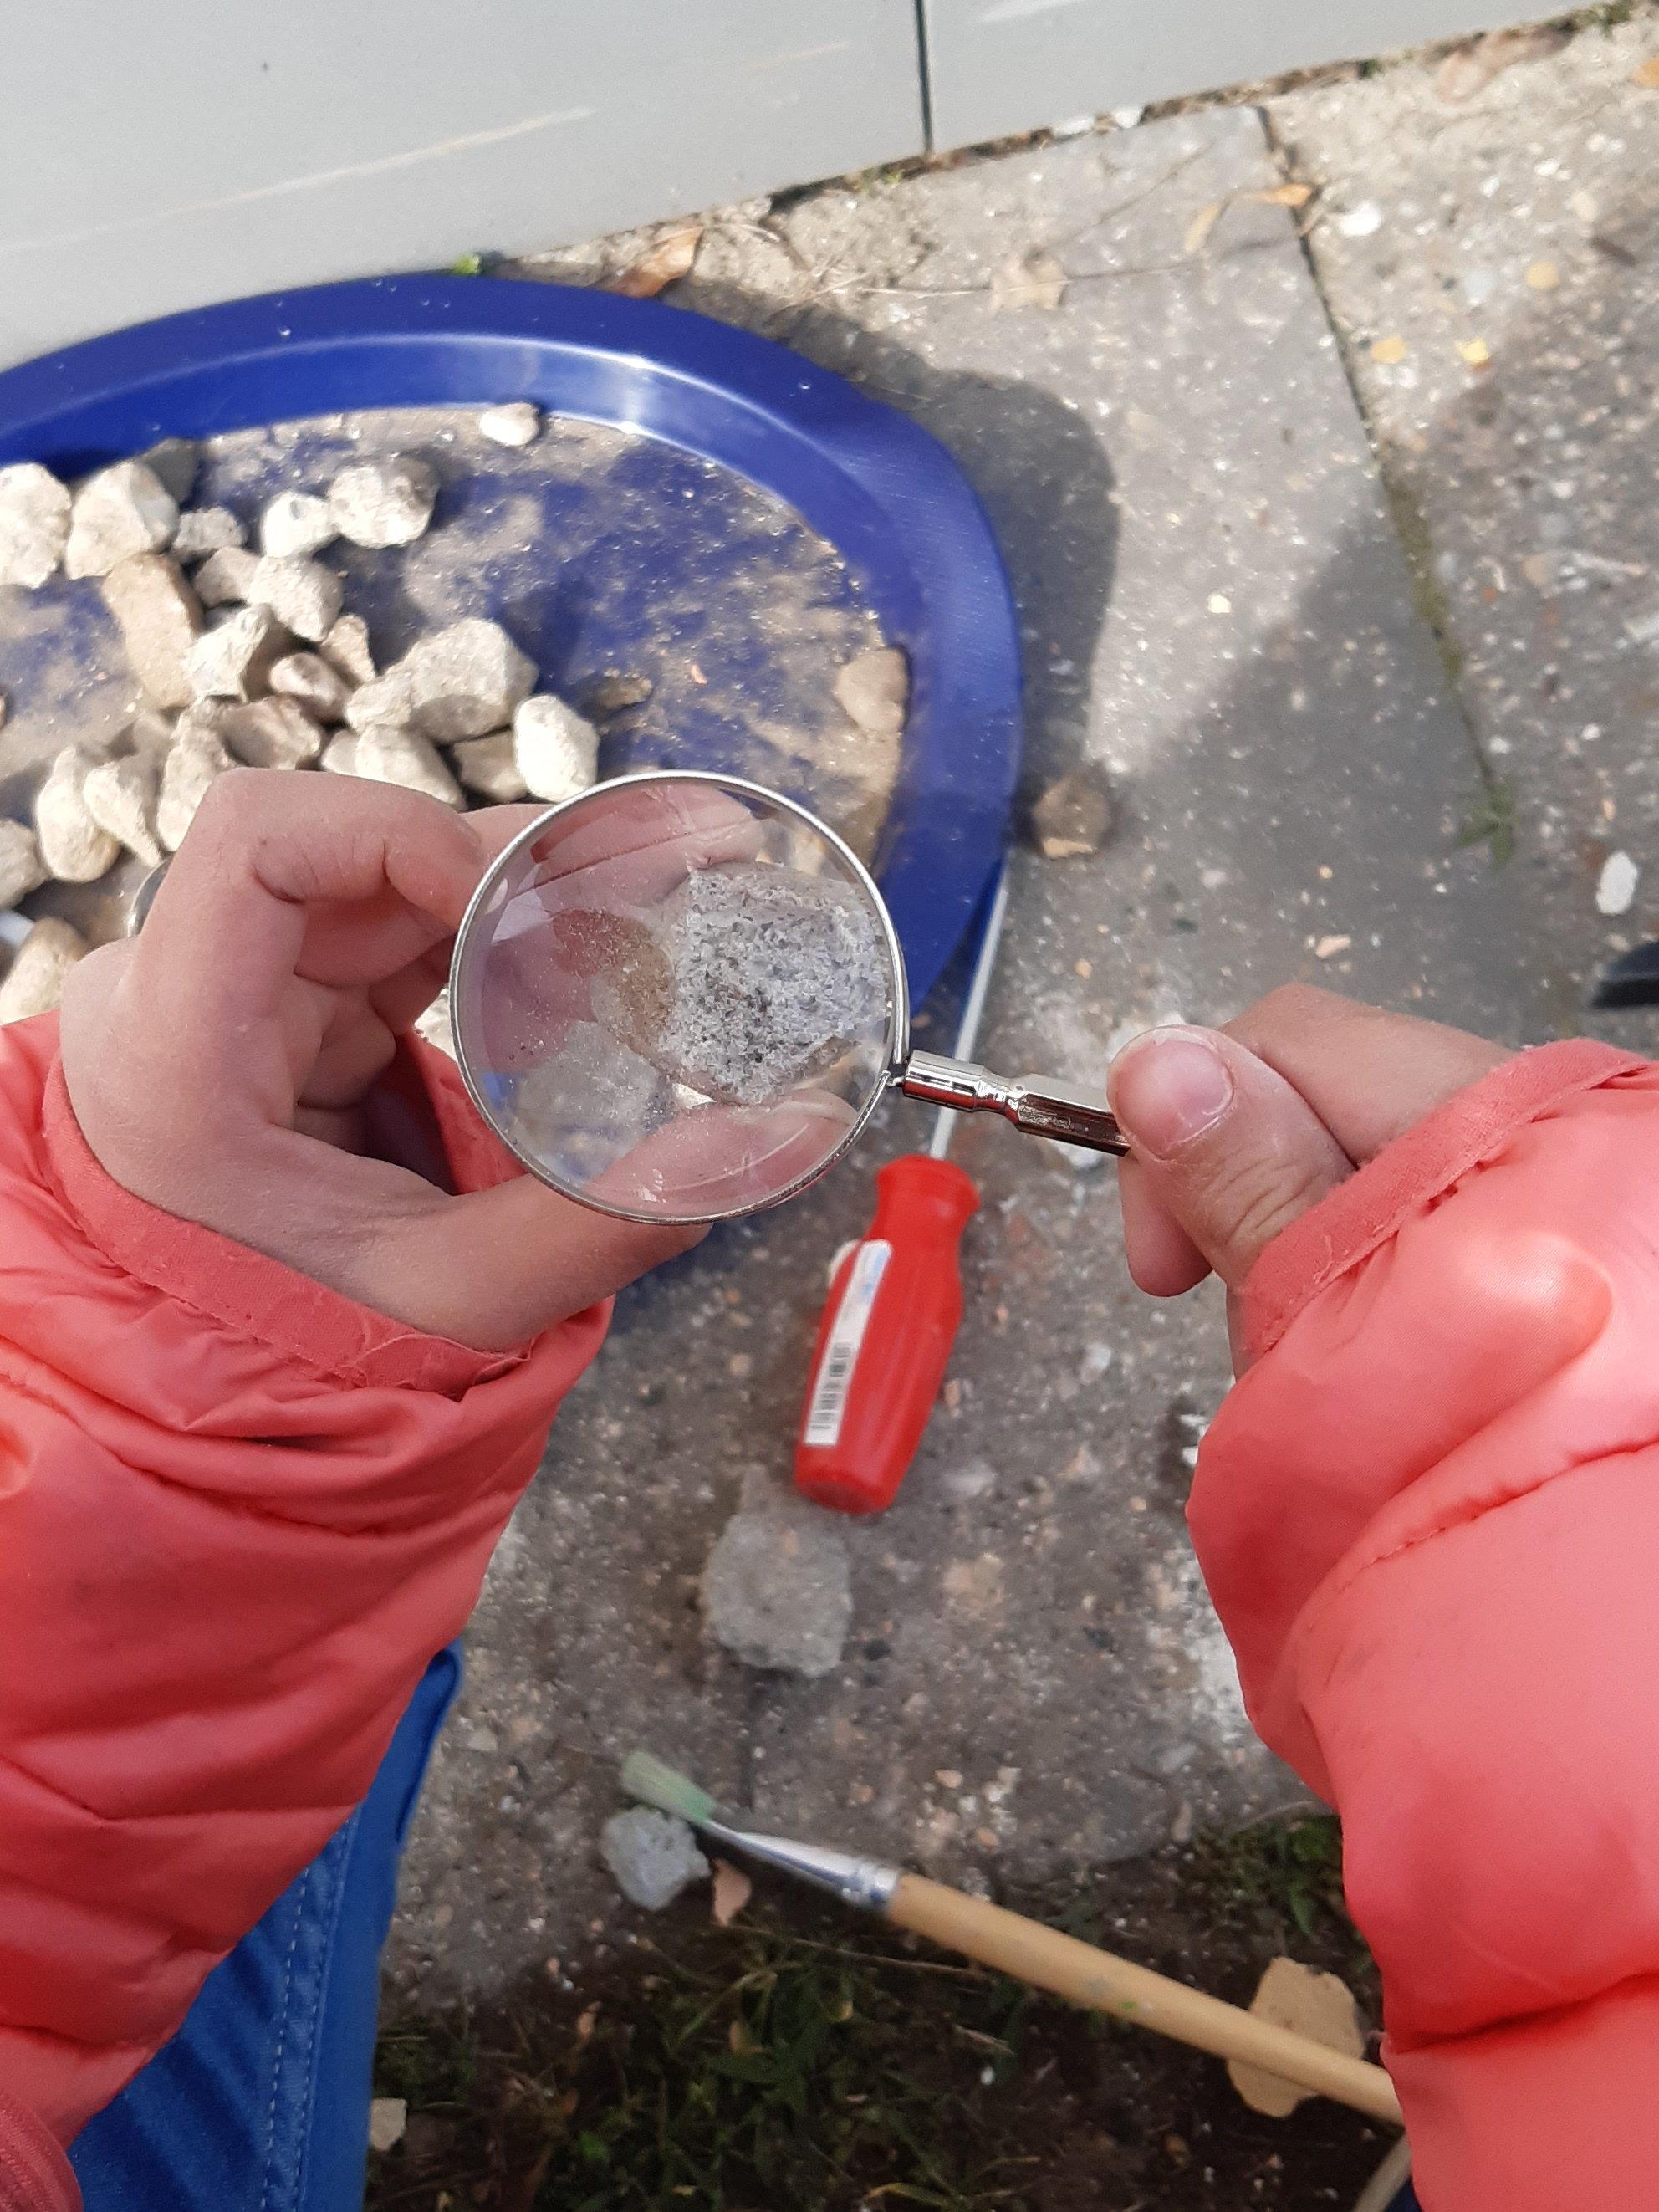 Kind untersucht Stein unter einer Handlupe.